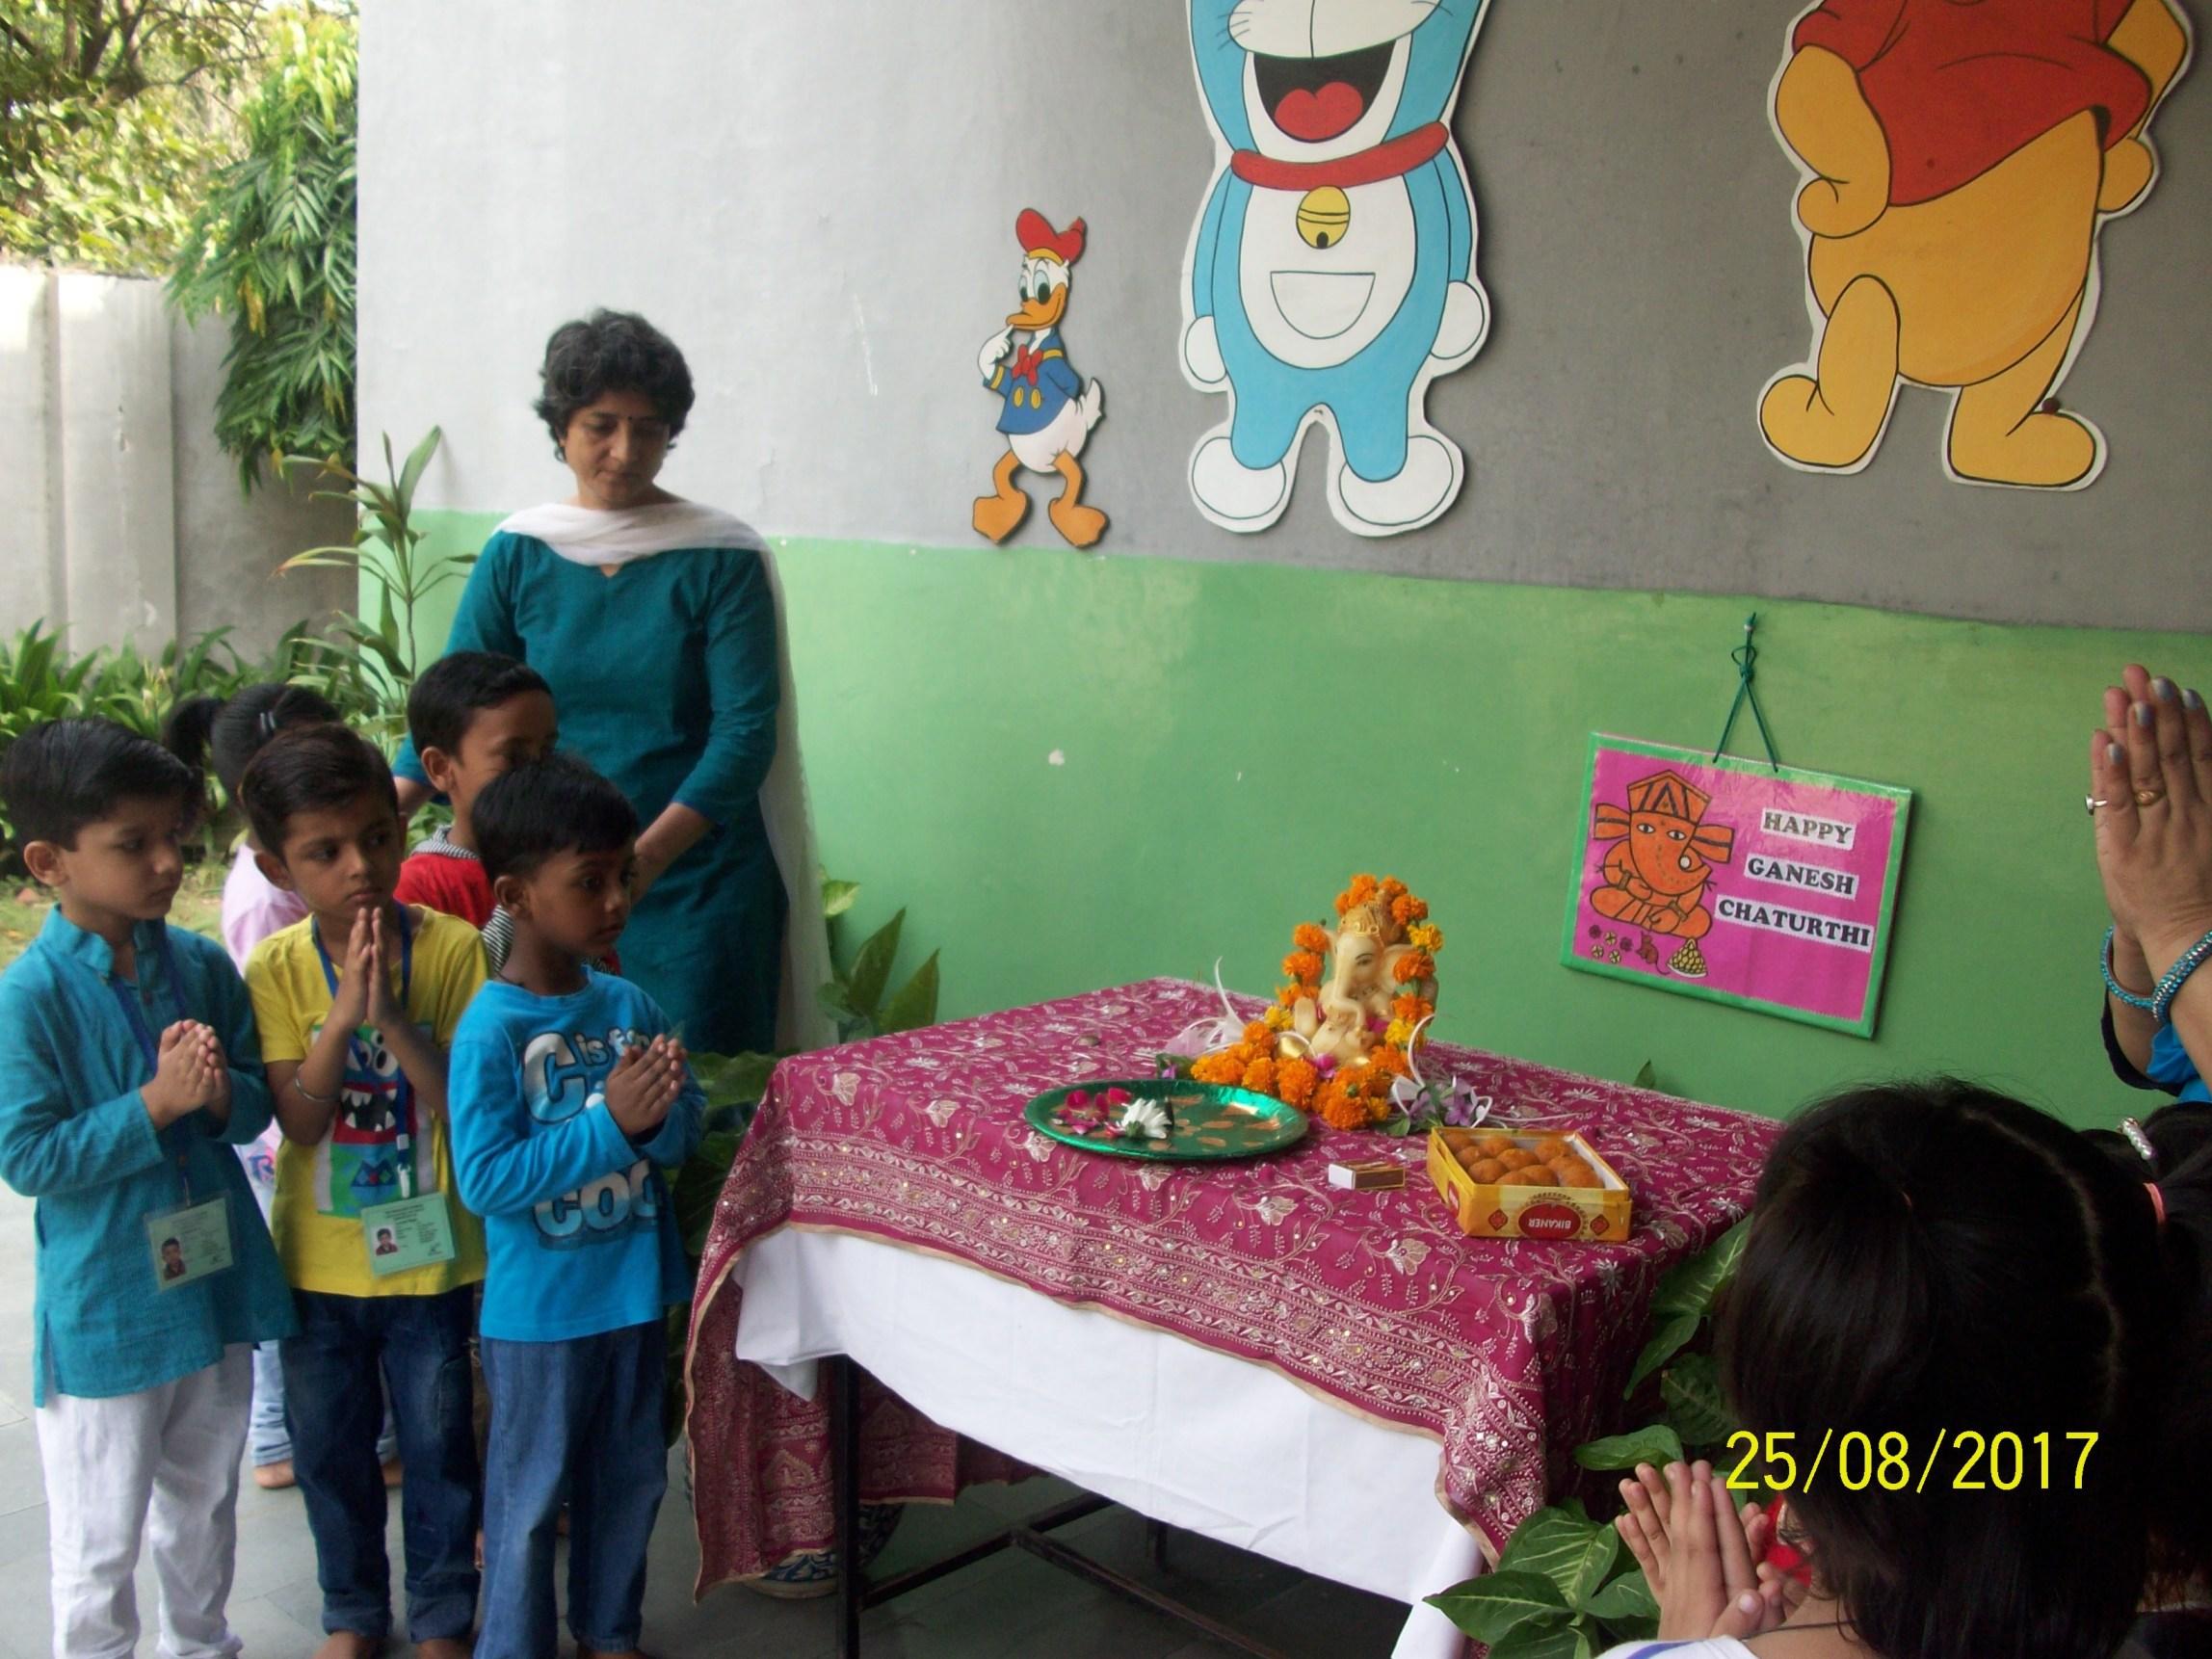 Ganesh Chaturthi Celebrations